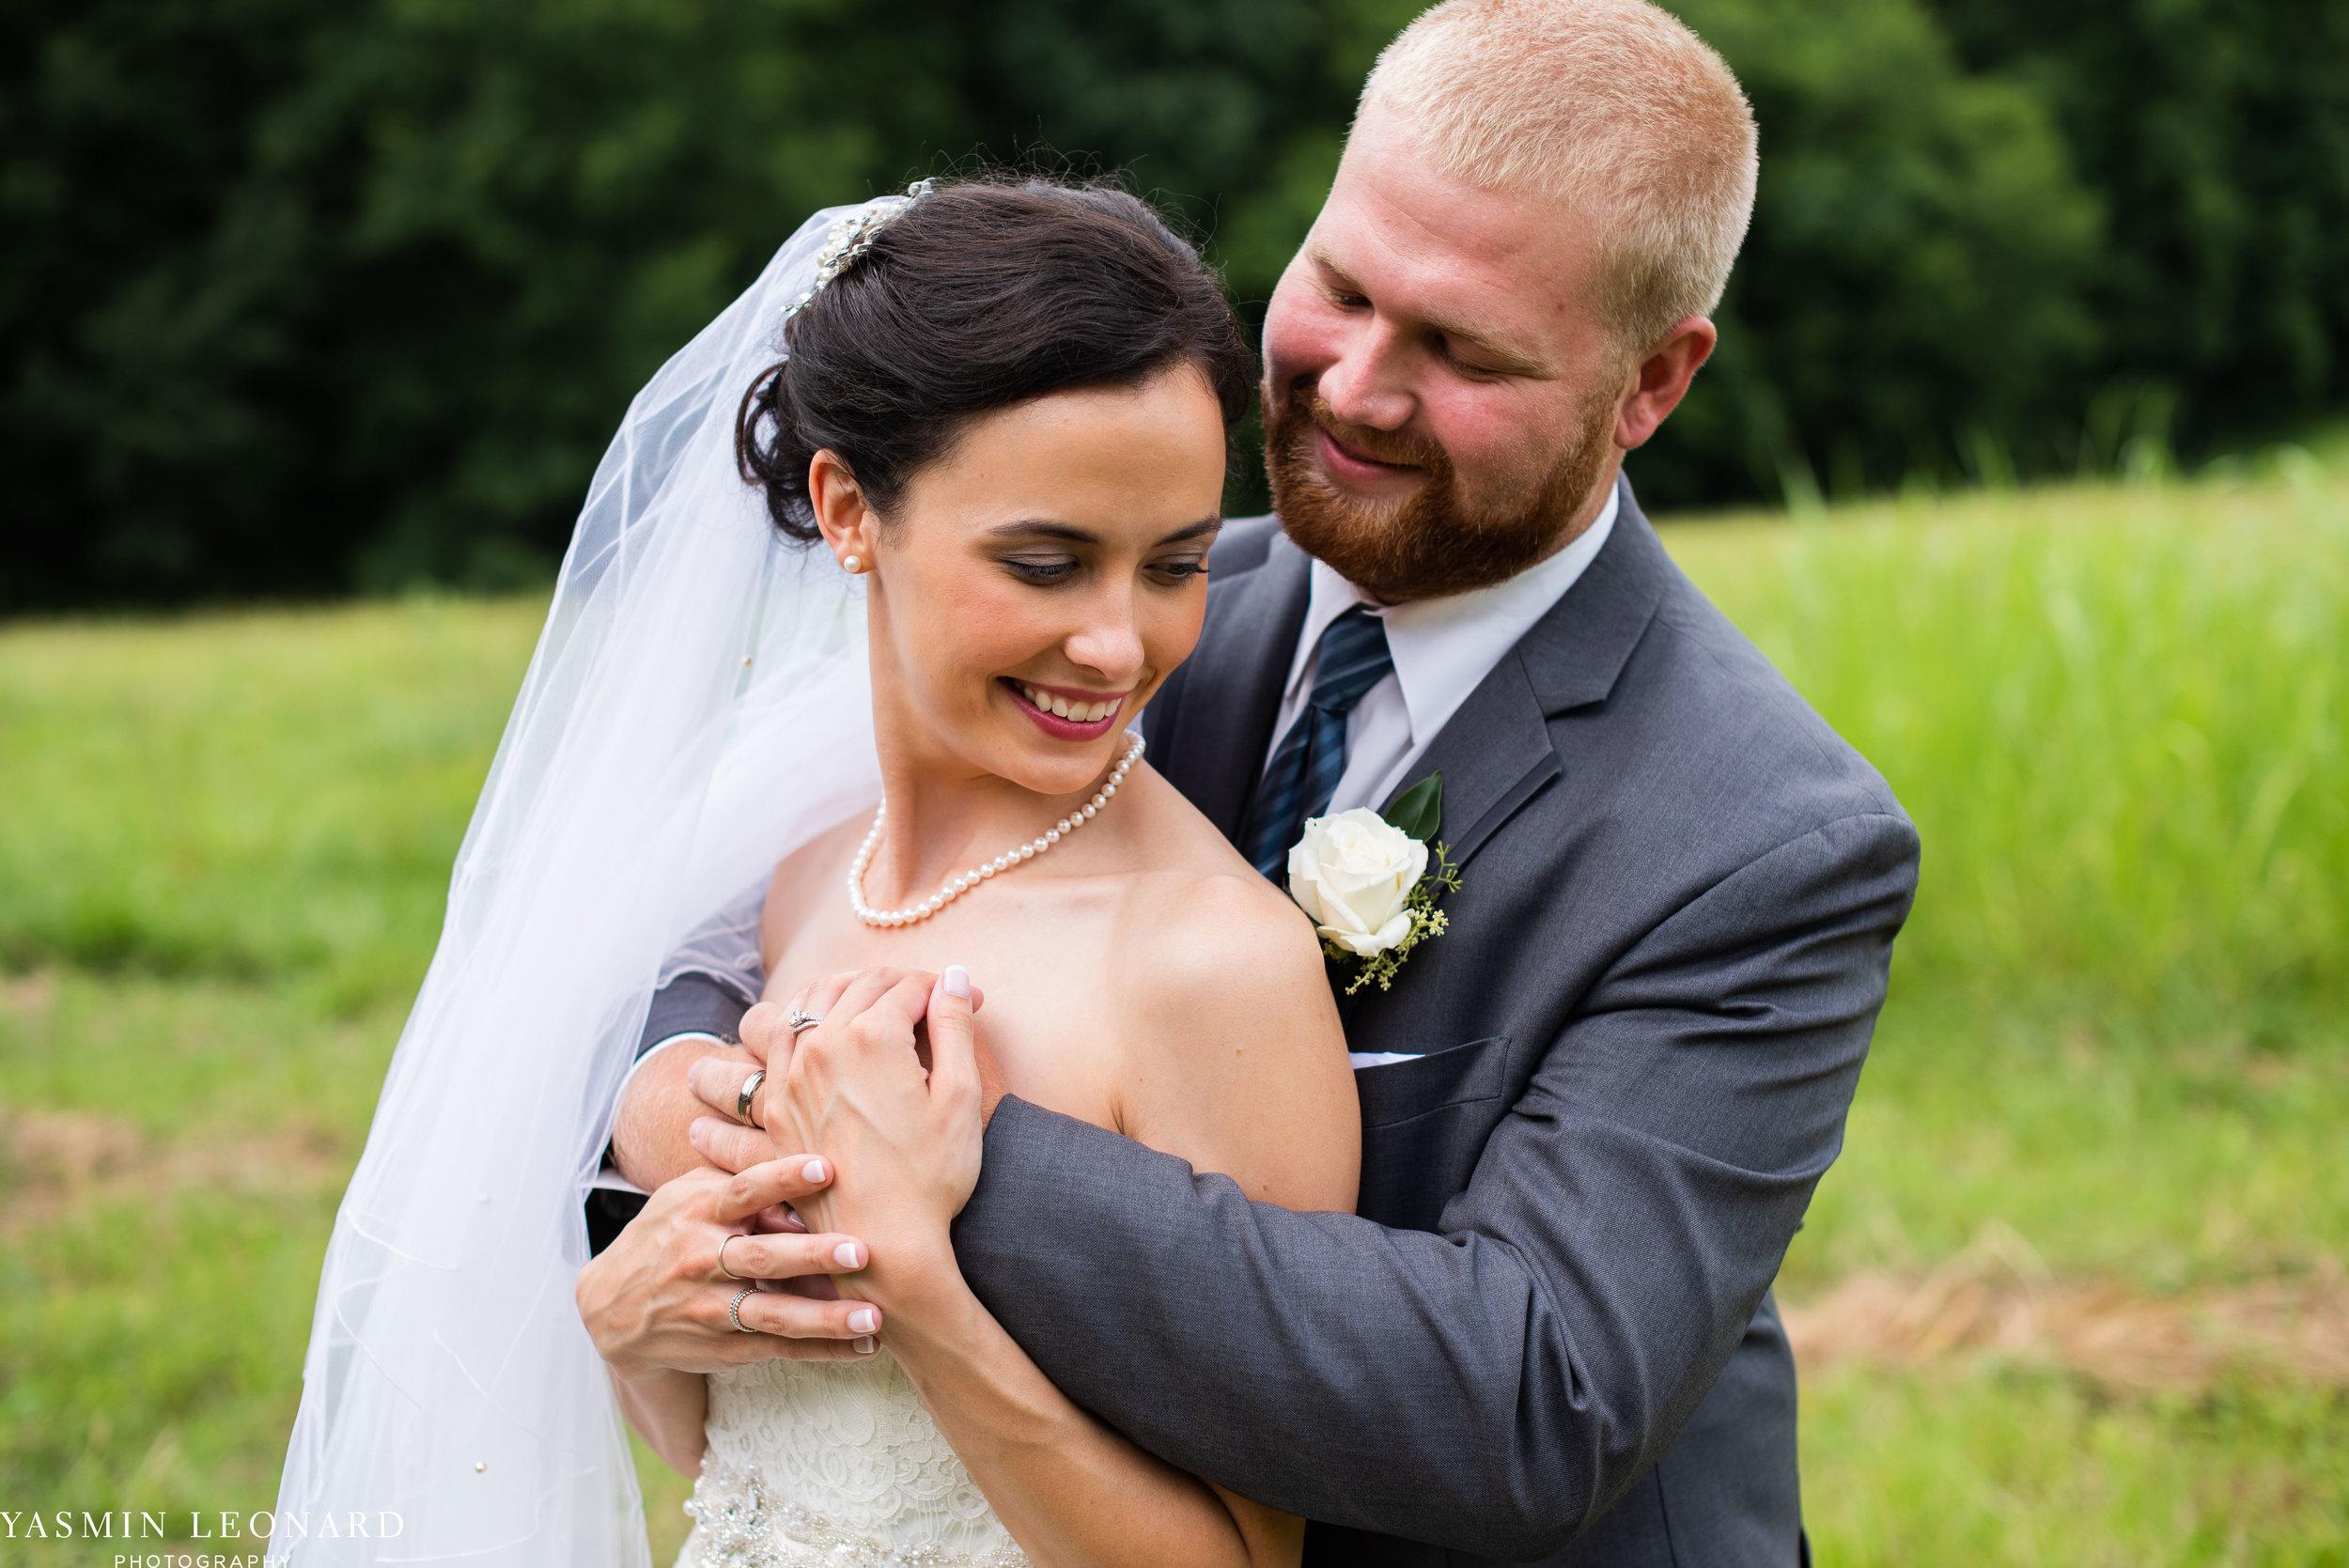 Mt. Pleasant Church - Church Wedding - Traditional Wedding - Church Ceremony - Country Wedding - Godly Wedding - NC Wedding Photographer - High Point Weddings - Triad Weddings - NC Venues-35.jpg